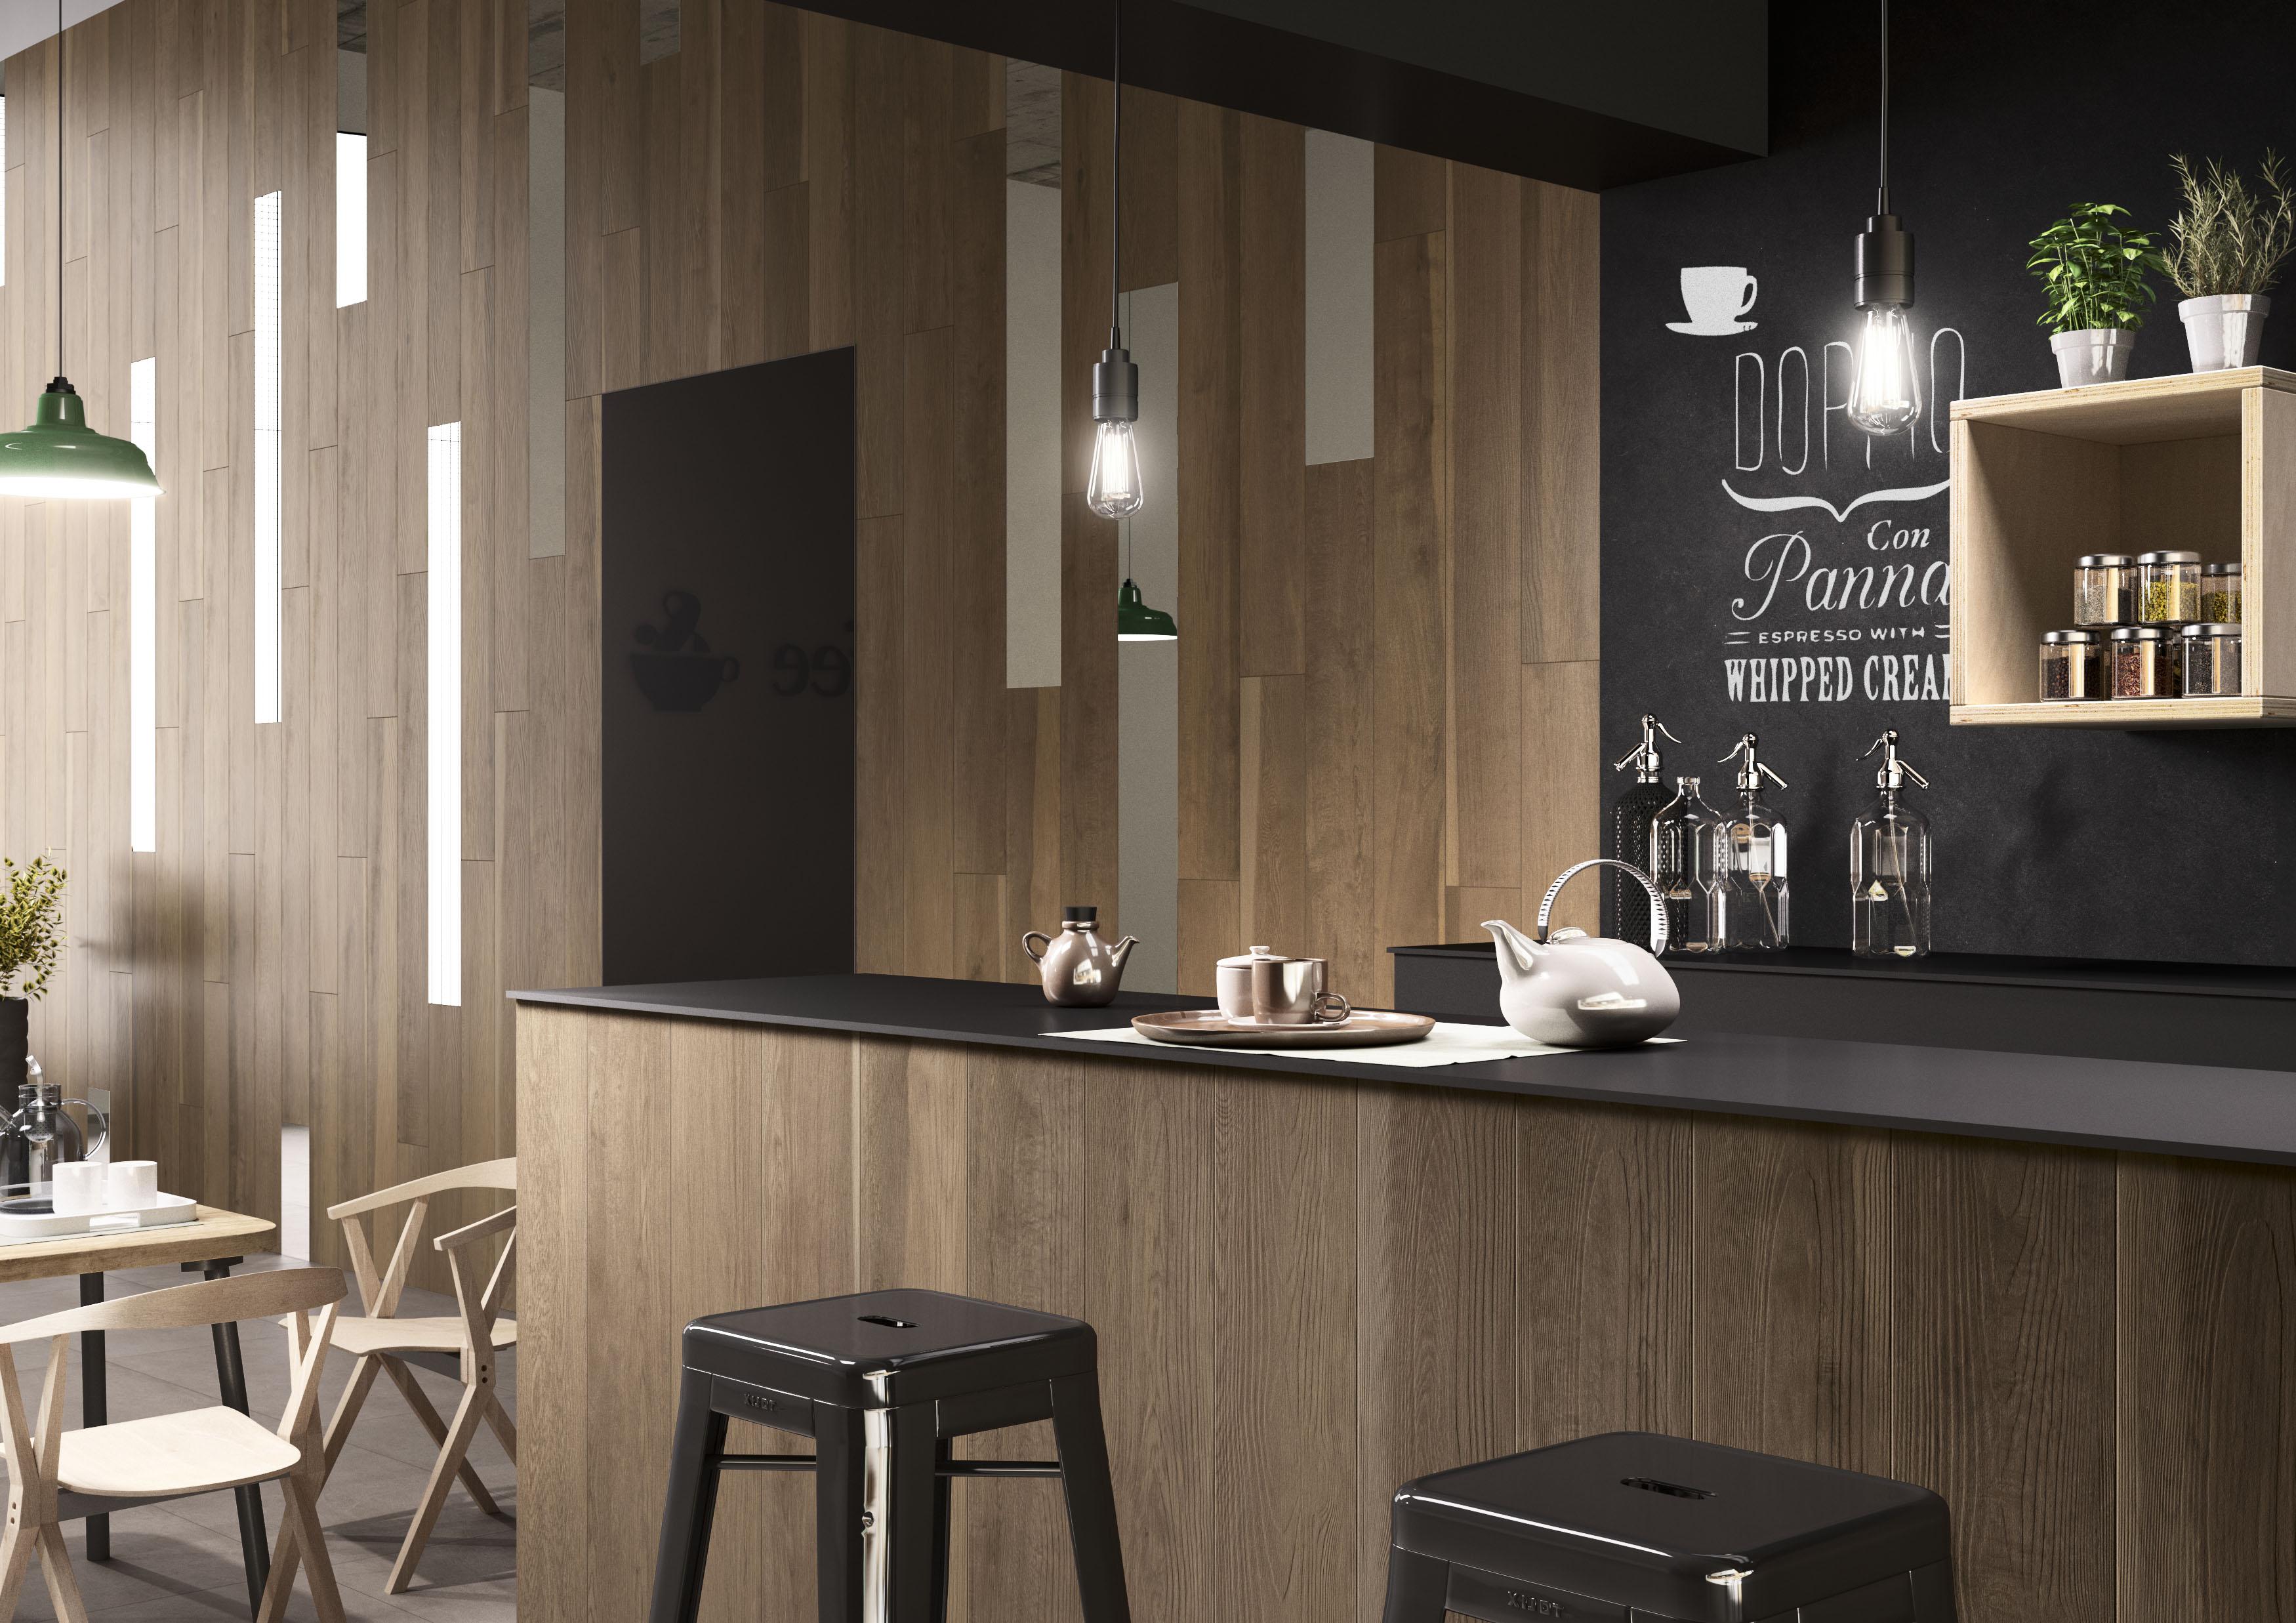 Italgraniti_3D Legni_05 Commerciale Caffetteria_Particolare C_Definitivo 01